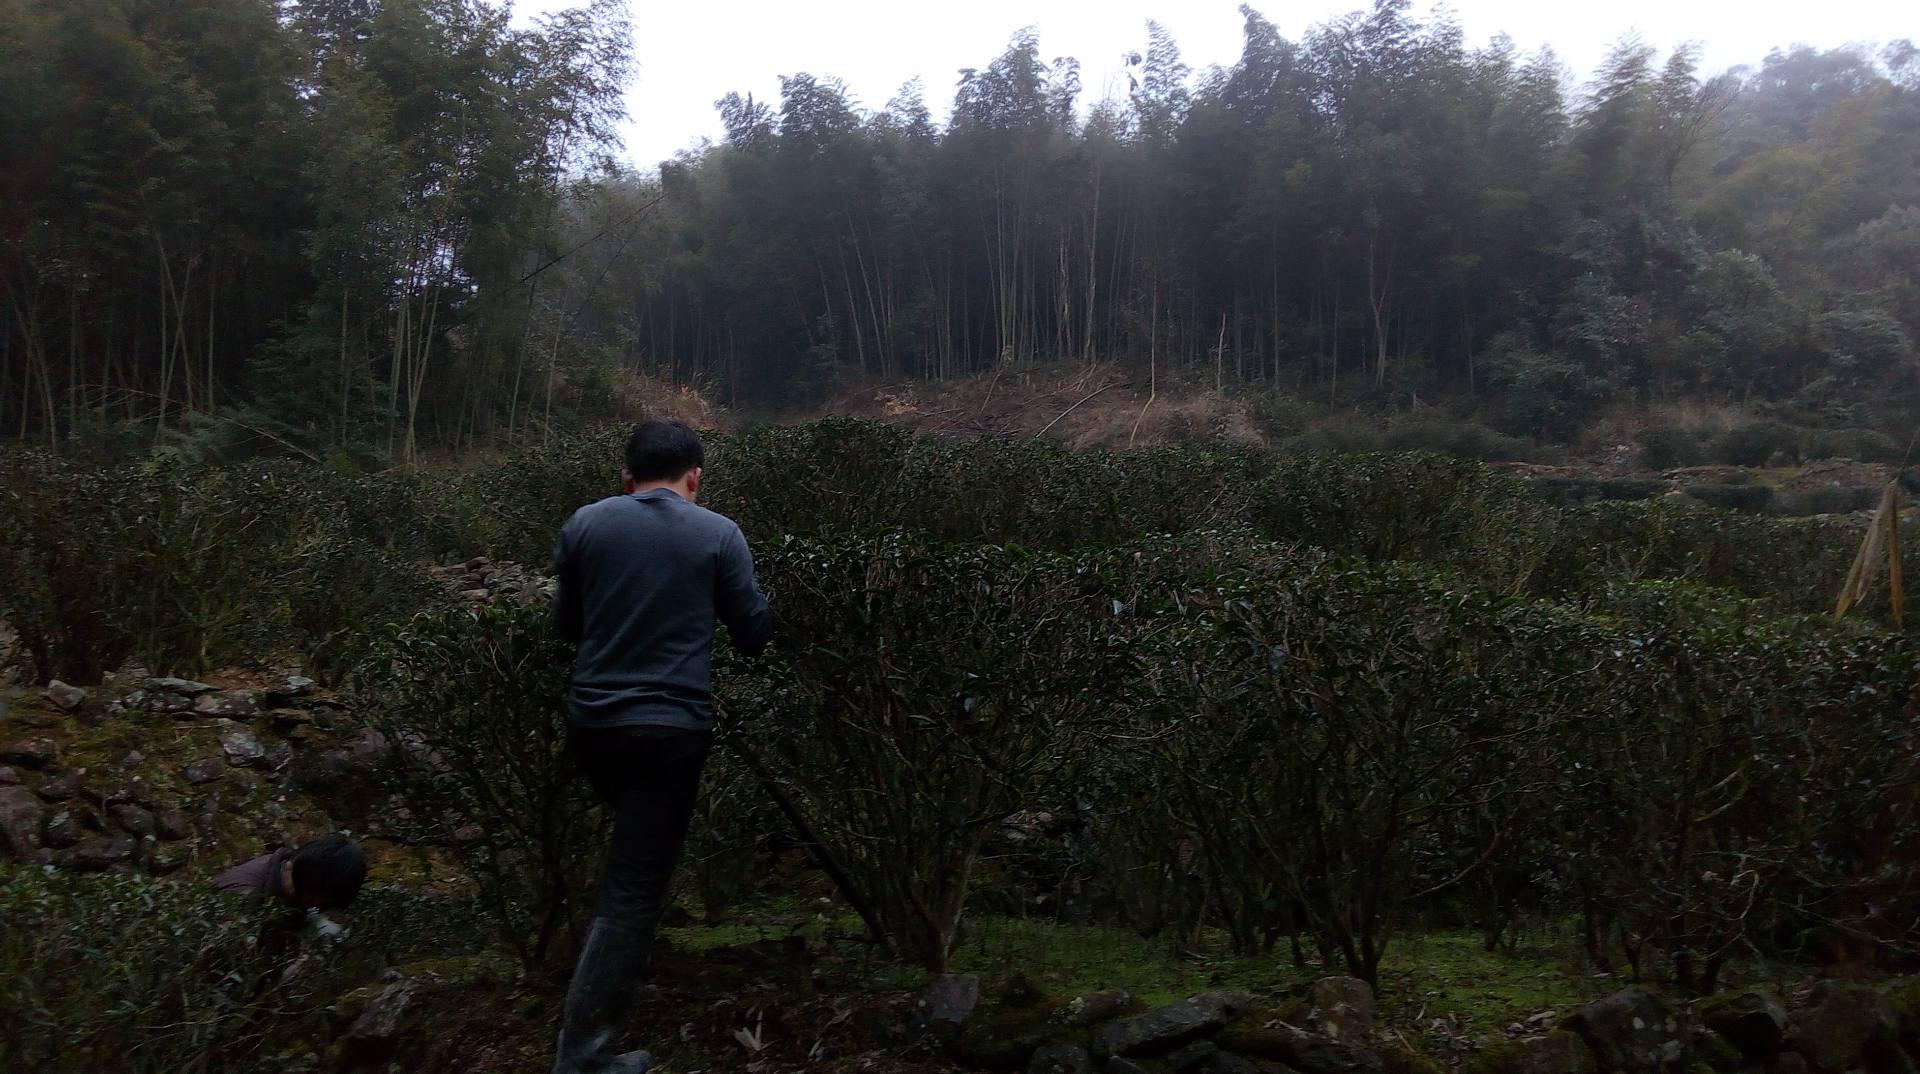 茶园秋冬锄草深耕:忙碌也是一道别致的风景线